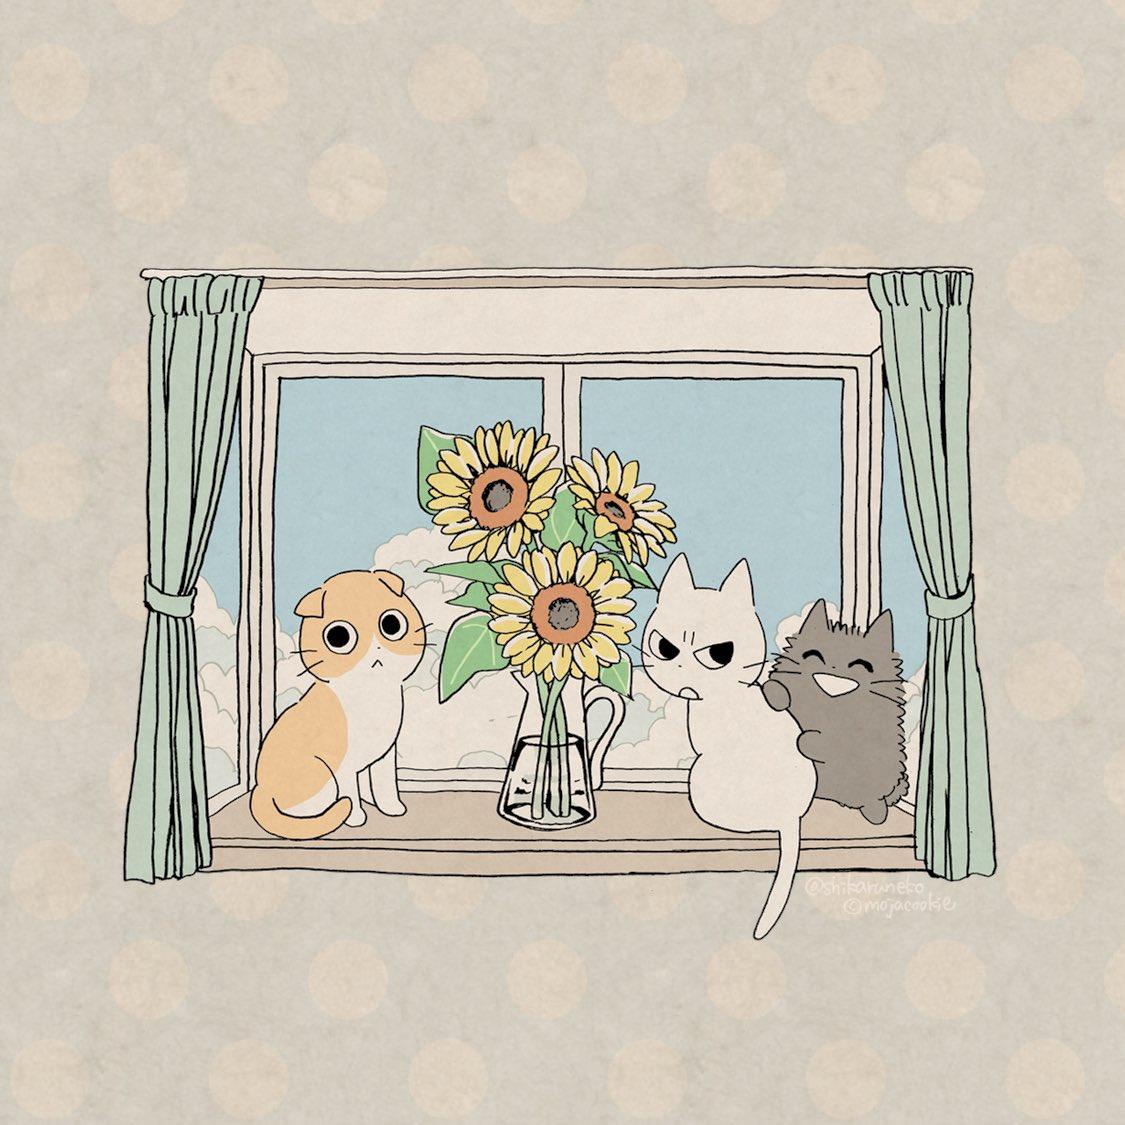 夏の窓辺の しかるねこ と あまやかすねこ と ながめるねこ。(壁紙サイズの画像も用意したのでよかったら使ってね!)